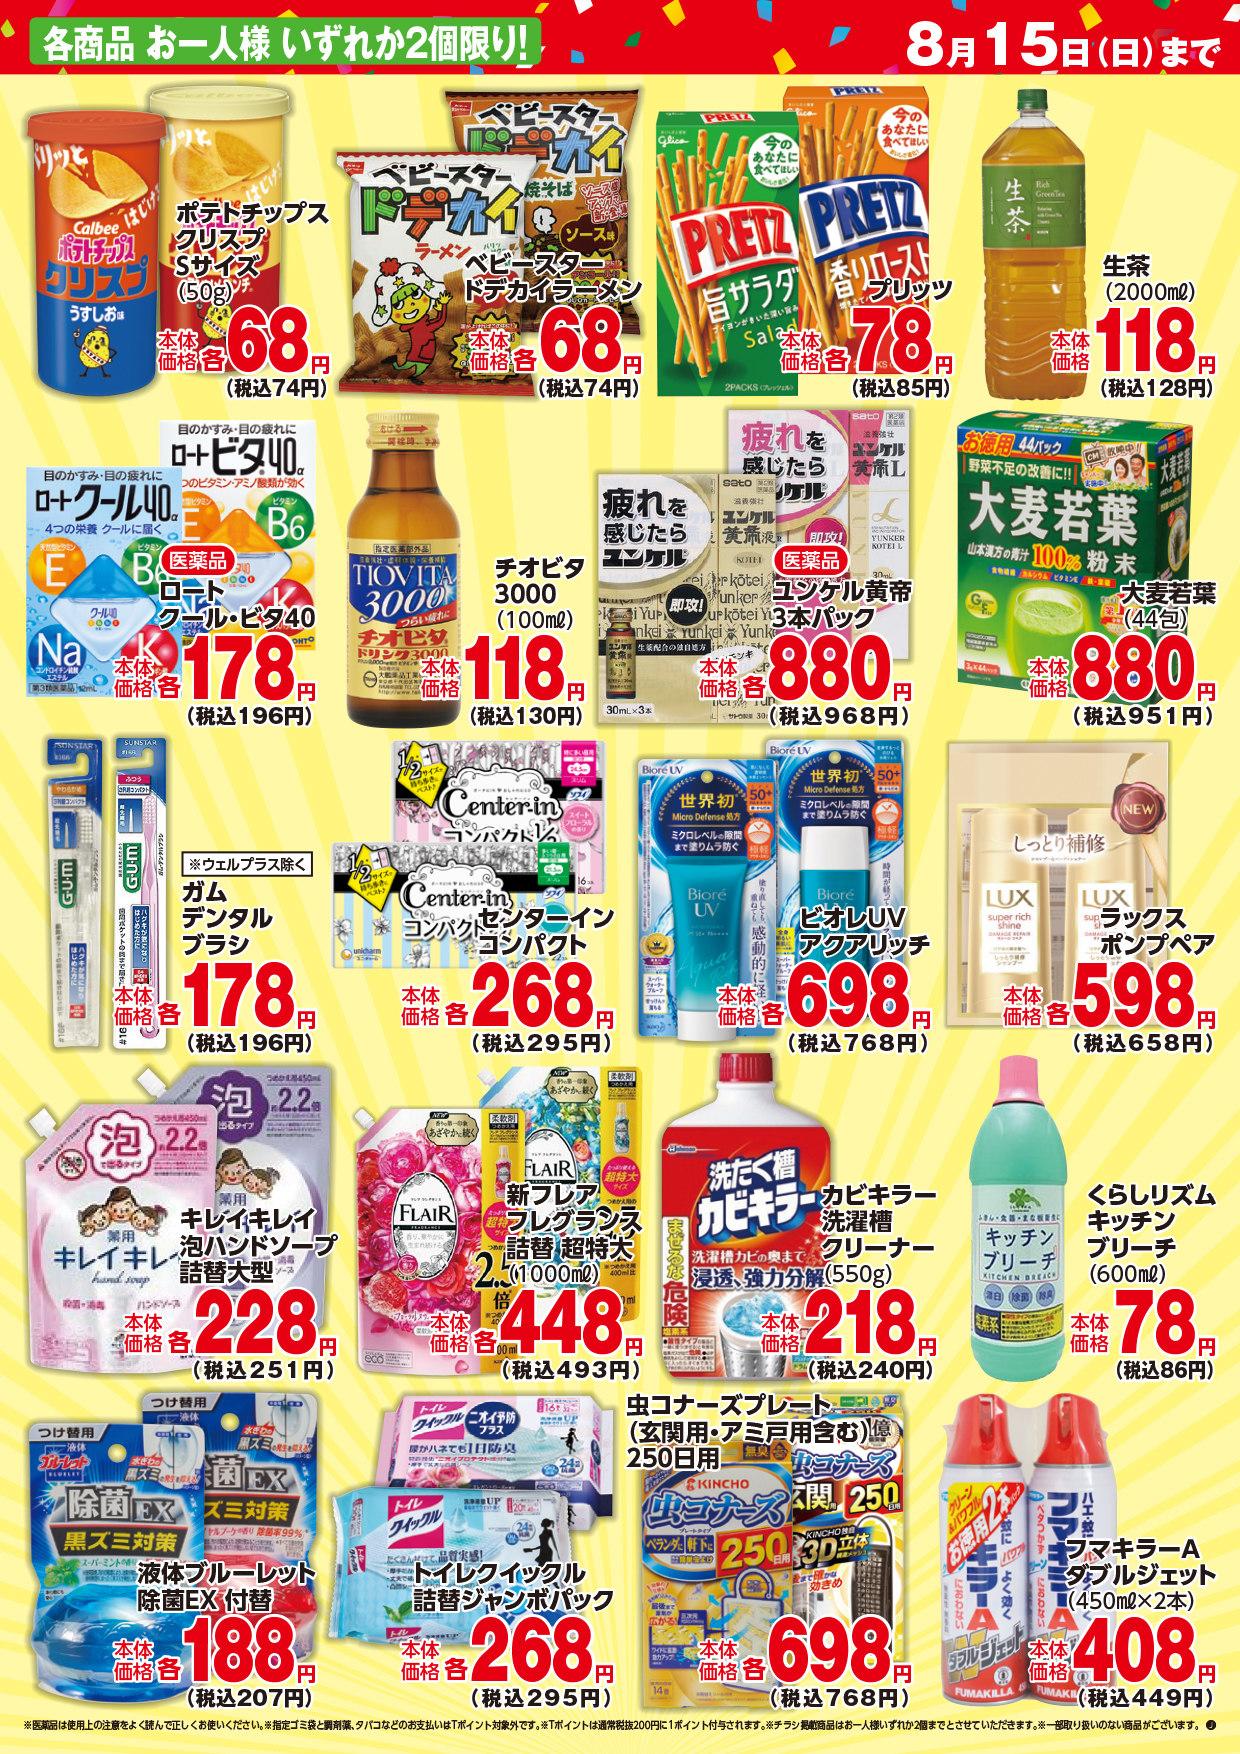 チラシ かねひで の 沖縄のスーパーマーケットで初、「楽天ポイントカード」が金秀商事の 運営する「タウンプラザかねひで」「Zipマート」などで利用可能に|楽天ペイメント株式会社